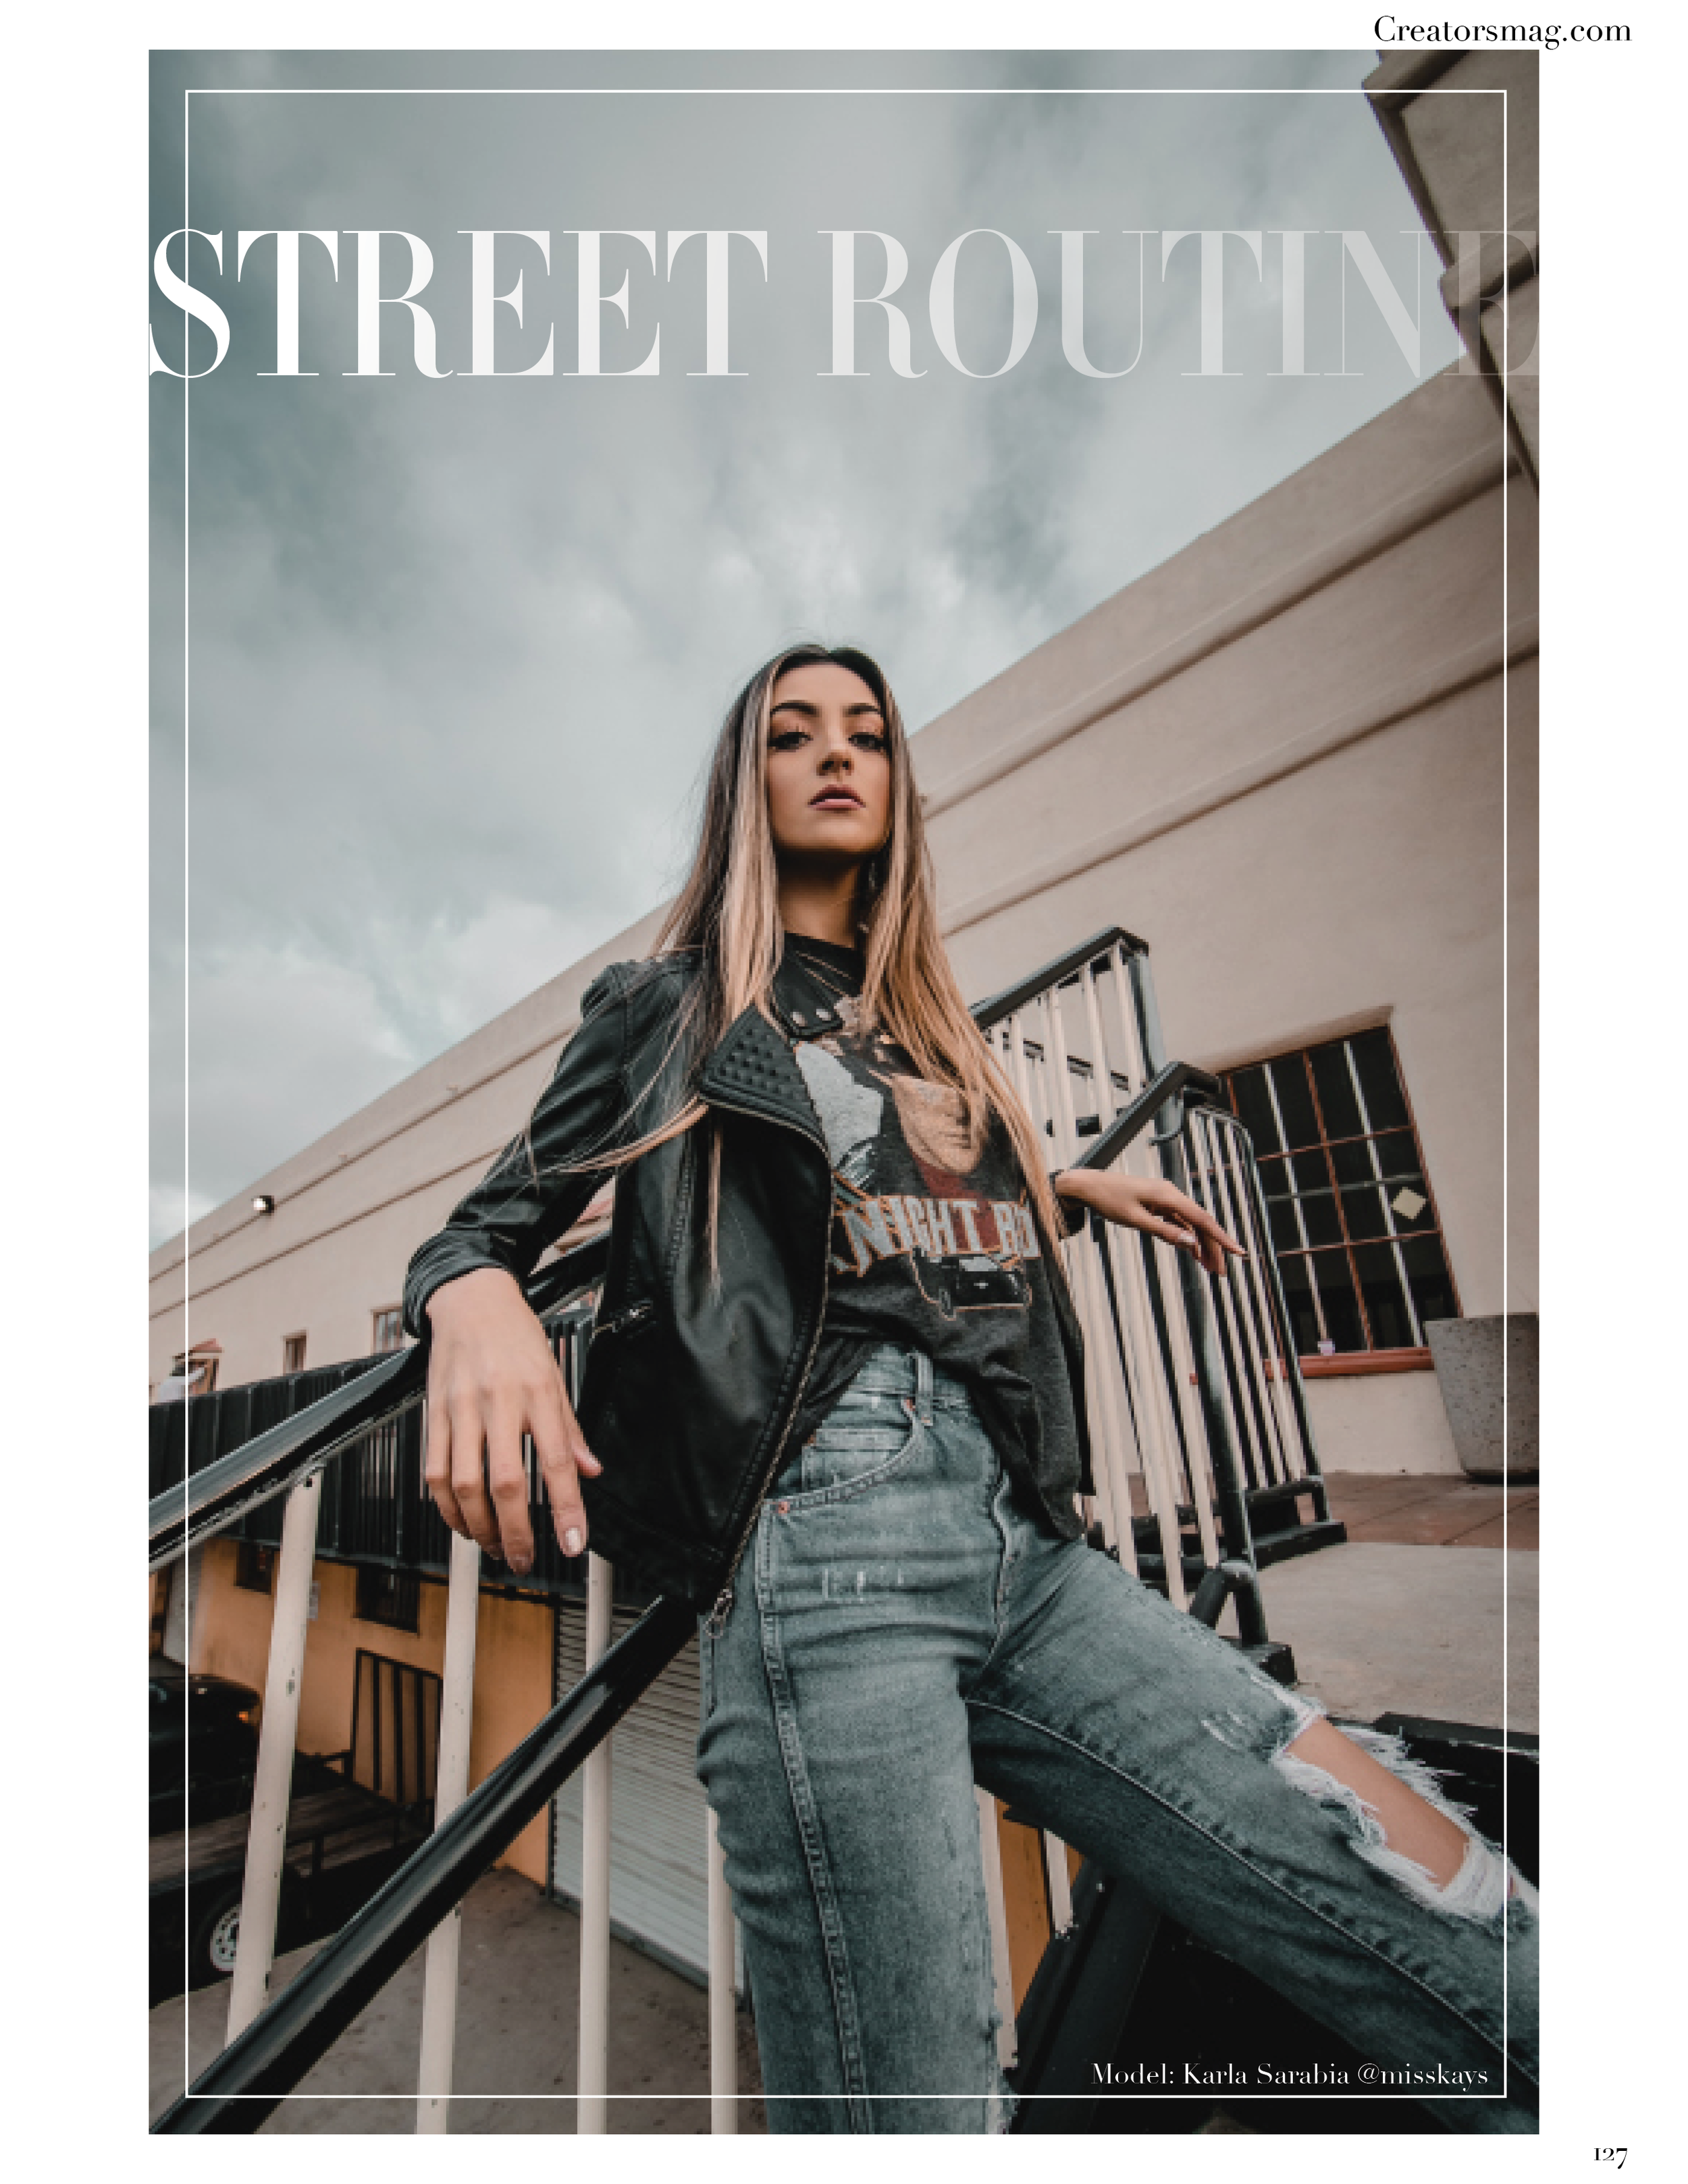 Street Routine - Karla Sarabia - Creators Magazine2.png